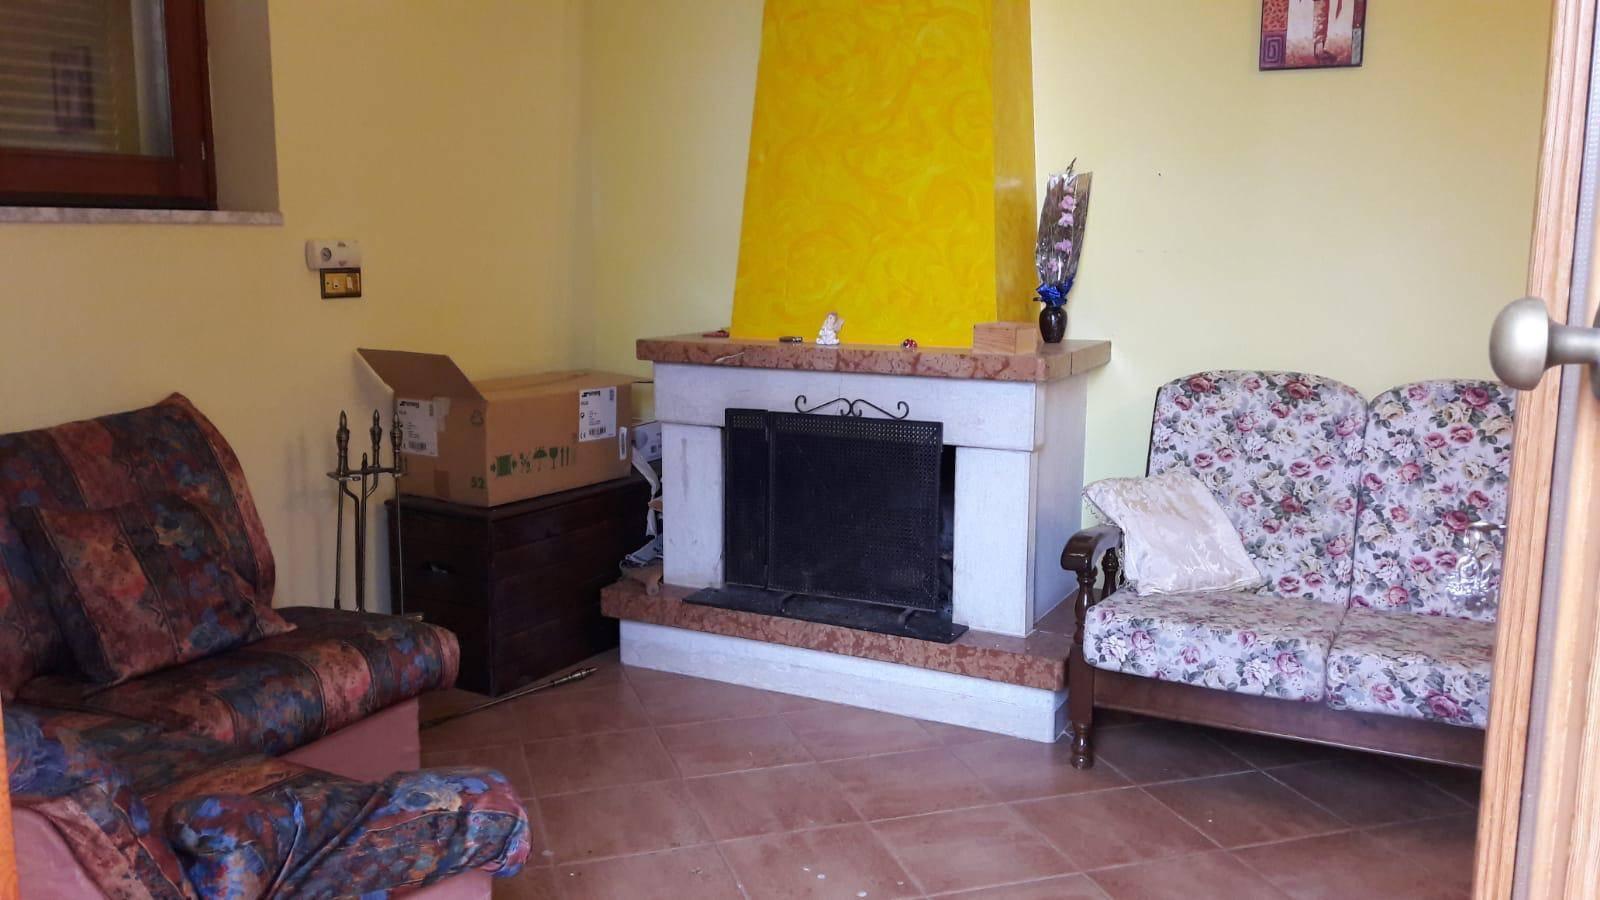 Appartamento in affitto a Paupisi, 4 locali, prezzo € 350 | CambioCasa.it